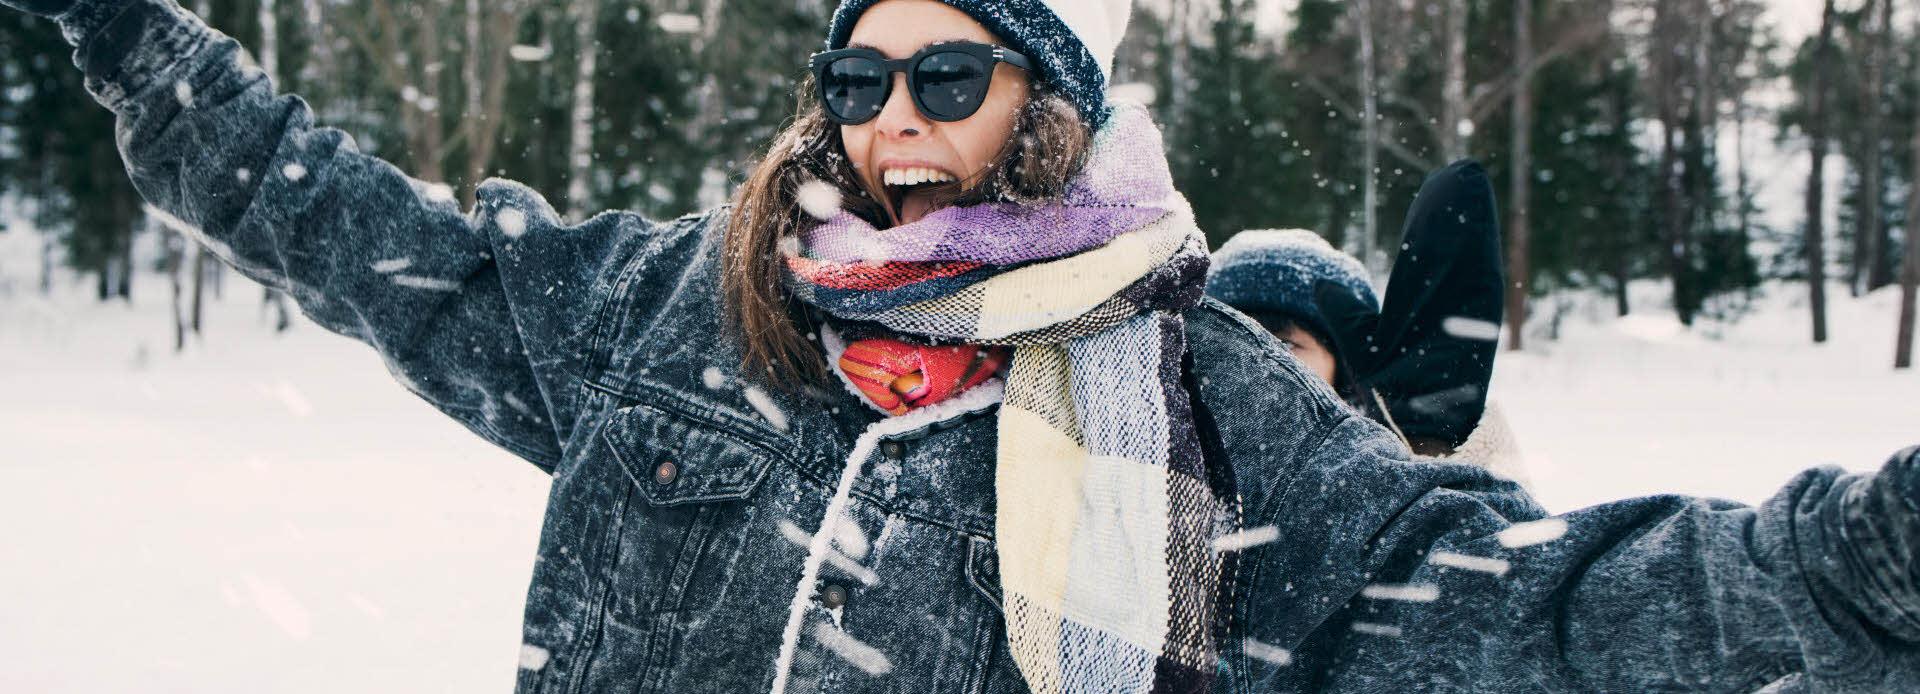 dame med vinterklær som danser i snøen